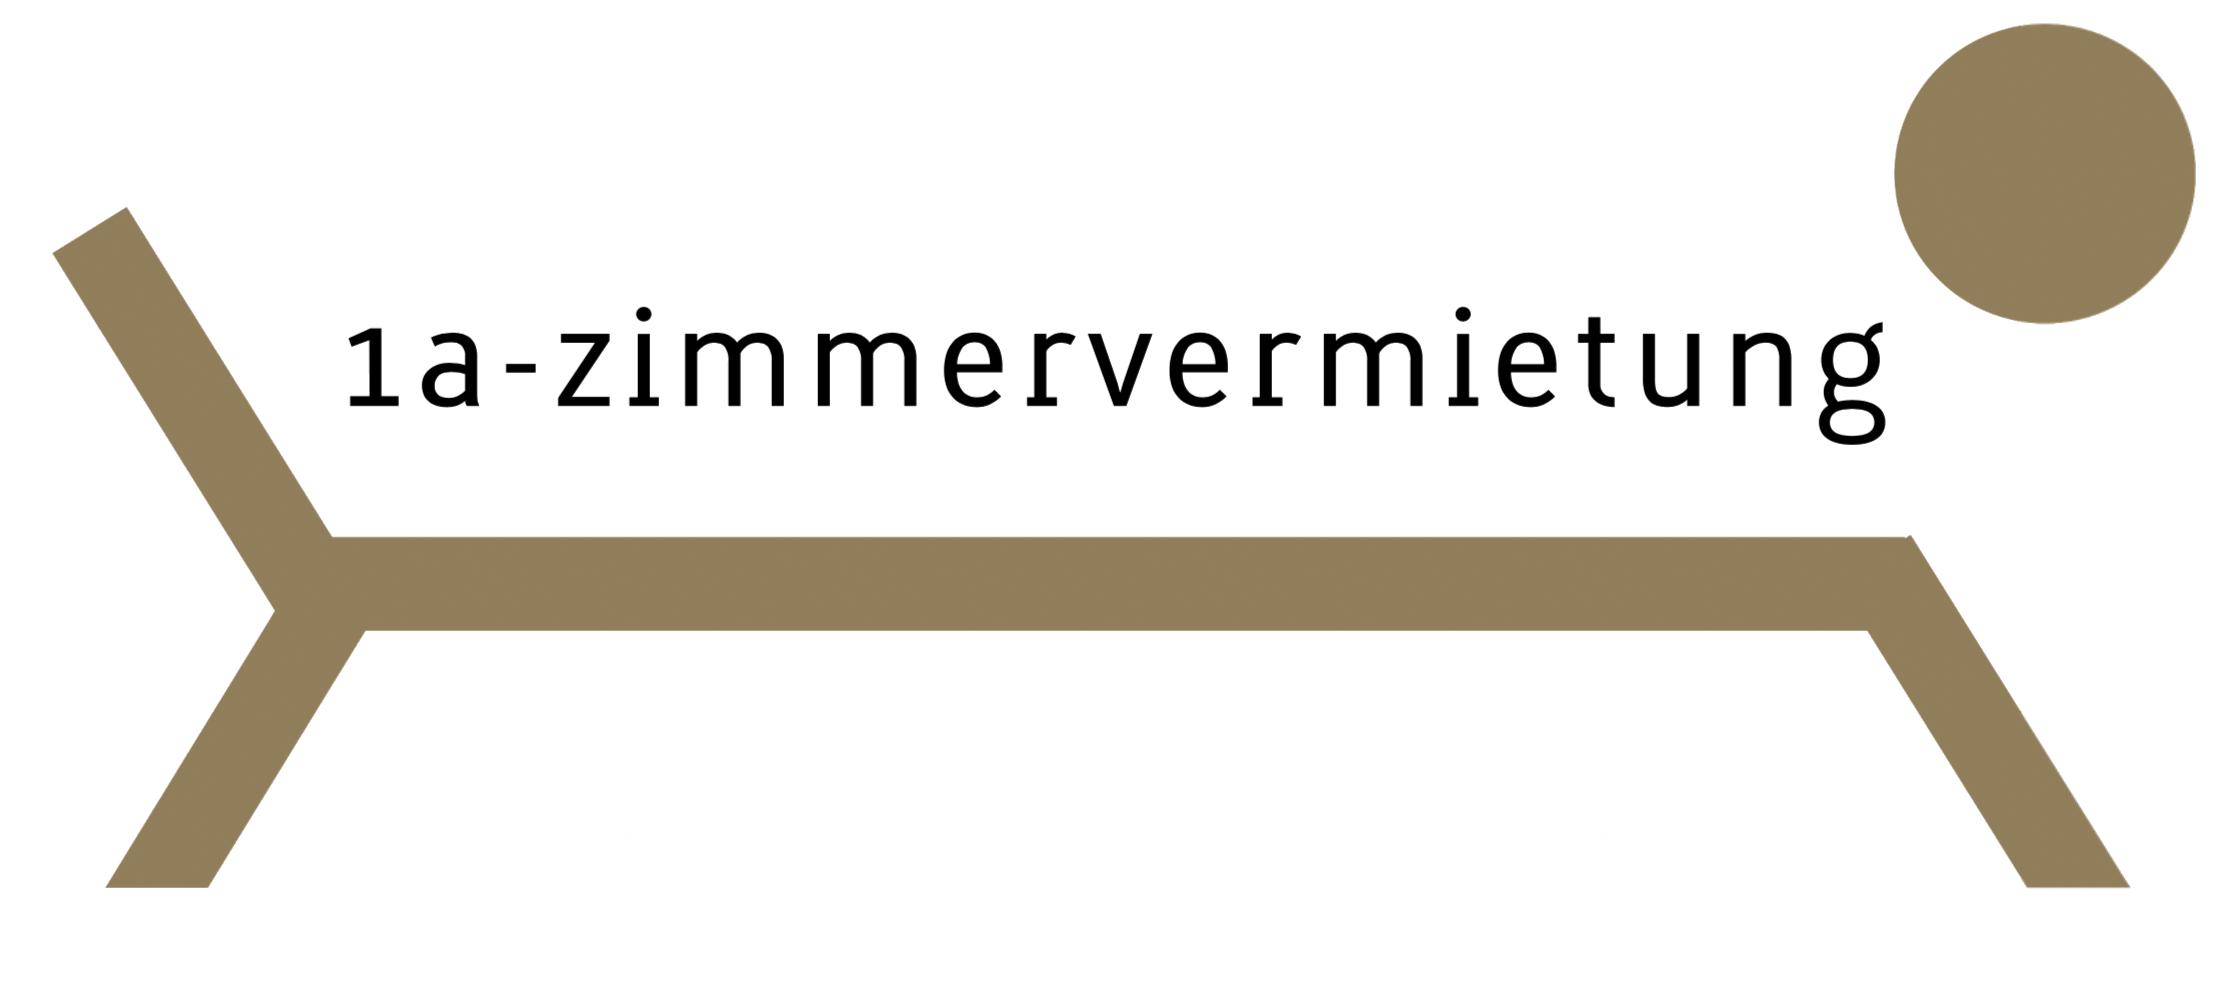 Monteurzimmer und Gästezimmer - Linz - Oberösterreich | 1a-Zimmervermietung GmbH - Monteurzimmer, Leasing-Zimmer, Ferienzimmer, Gästezimmer und Zimmervermietung aus Steyregg in der Nähe von Linz in Oberösterreich. Monteurwohnung, Monteurzimmer und Gästezimmer in der Nähe von Linz.